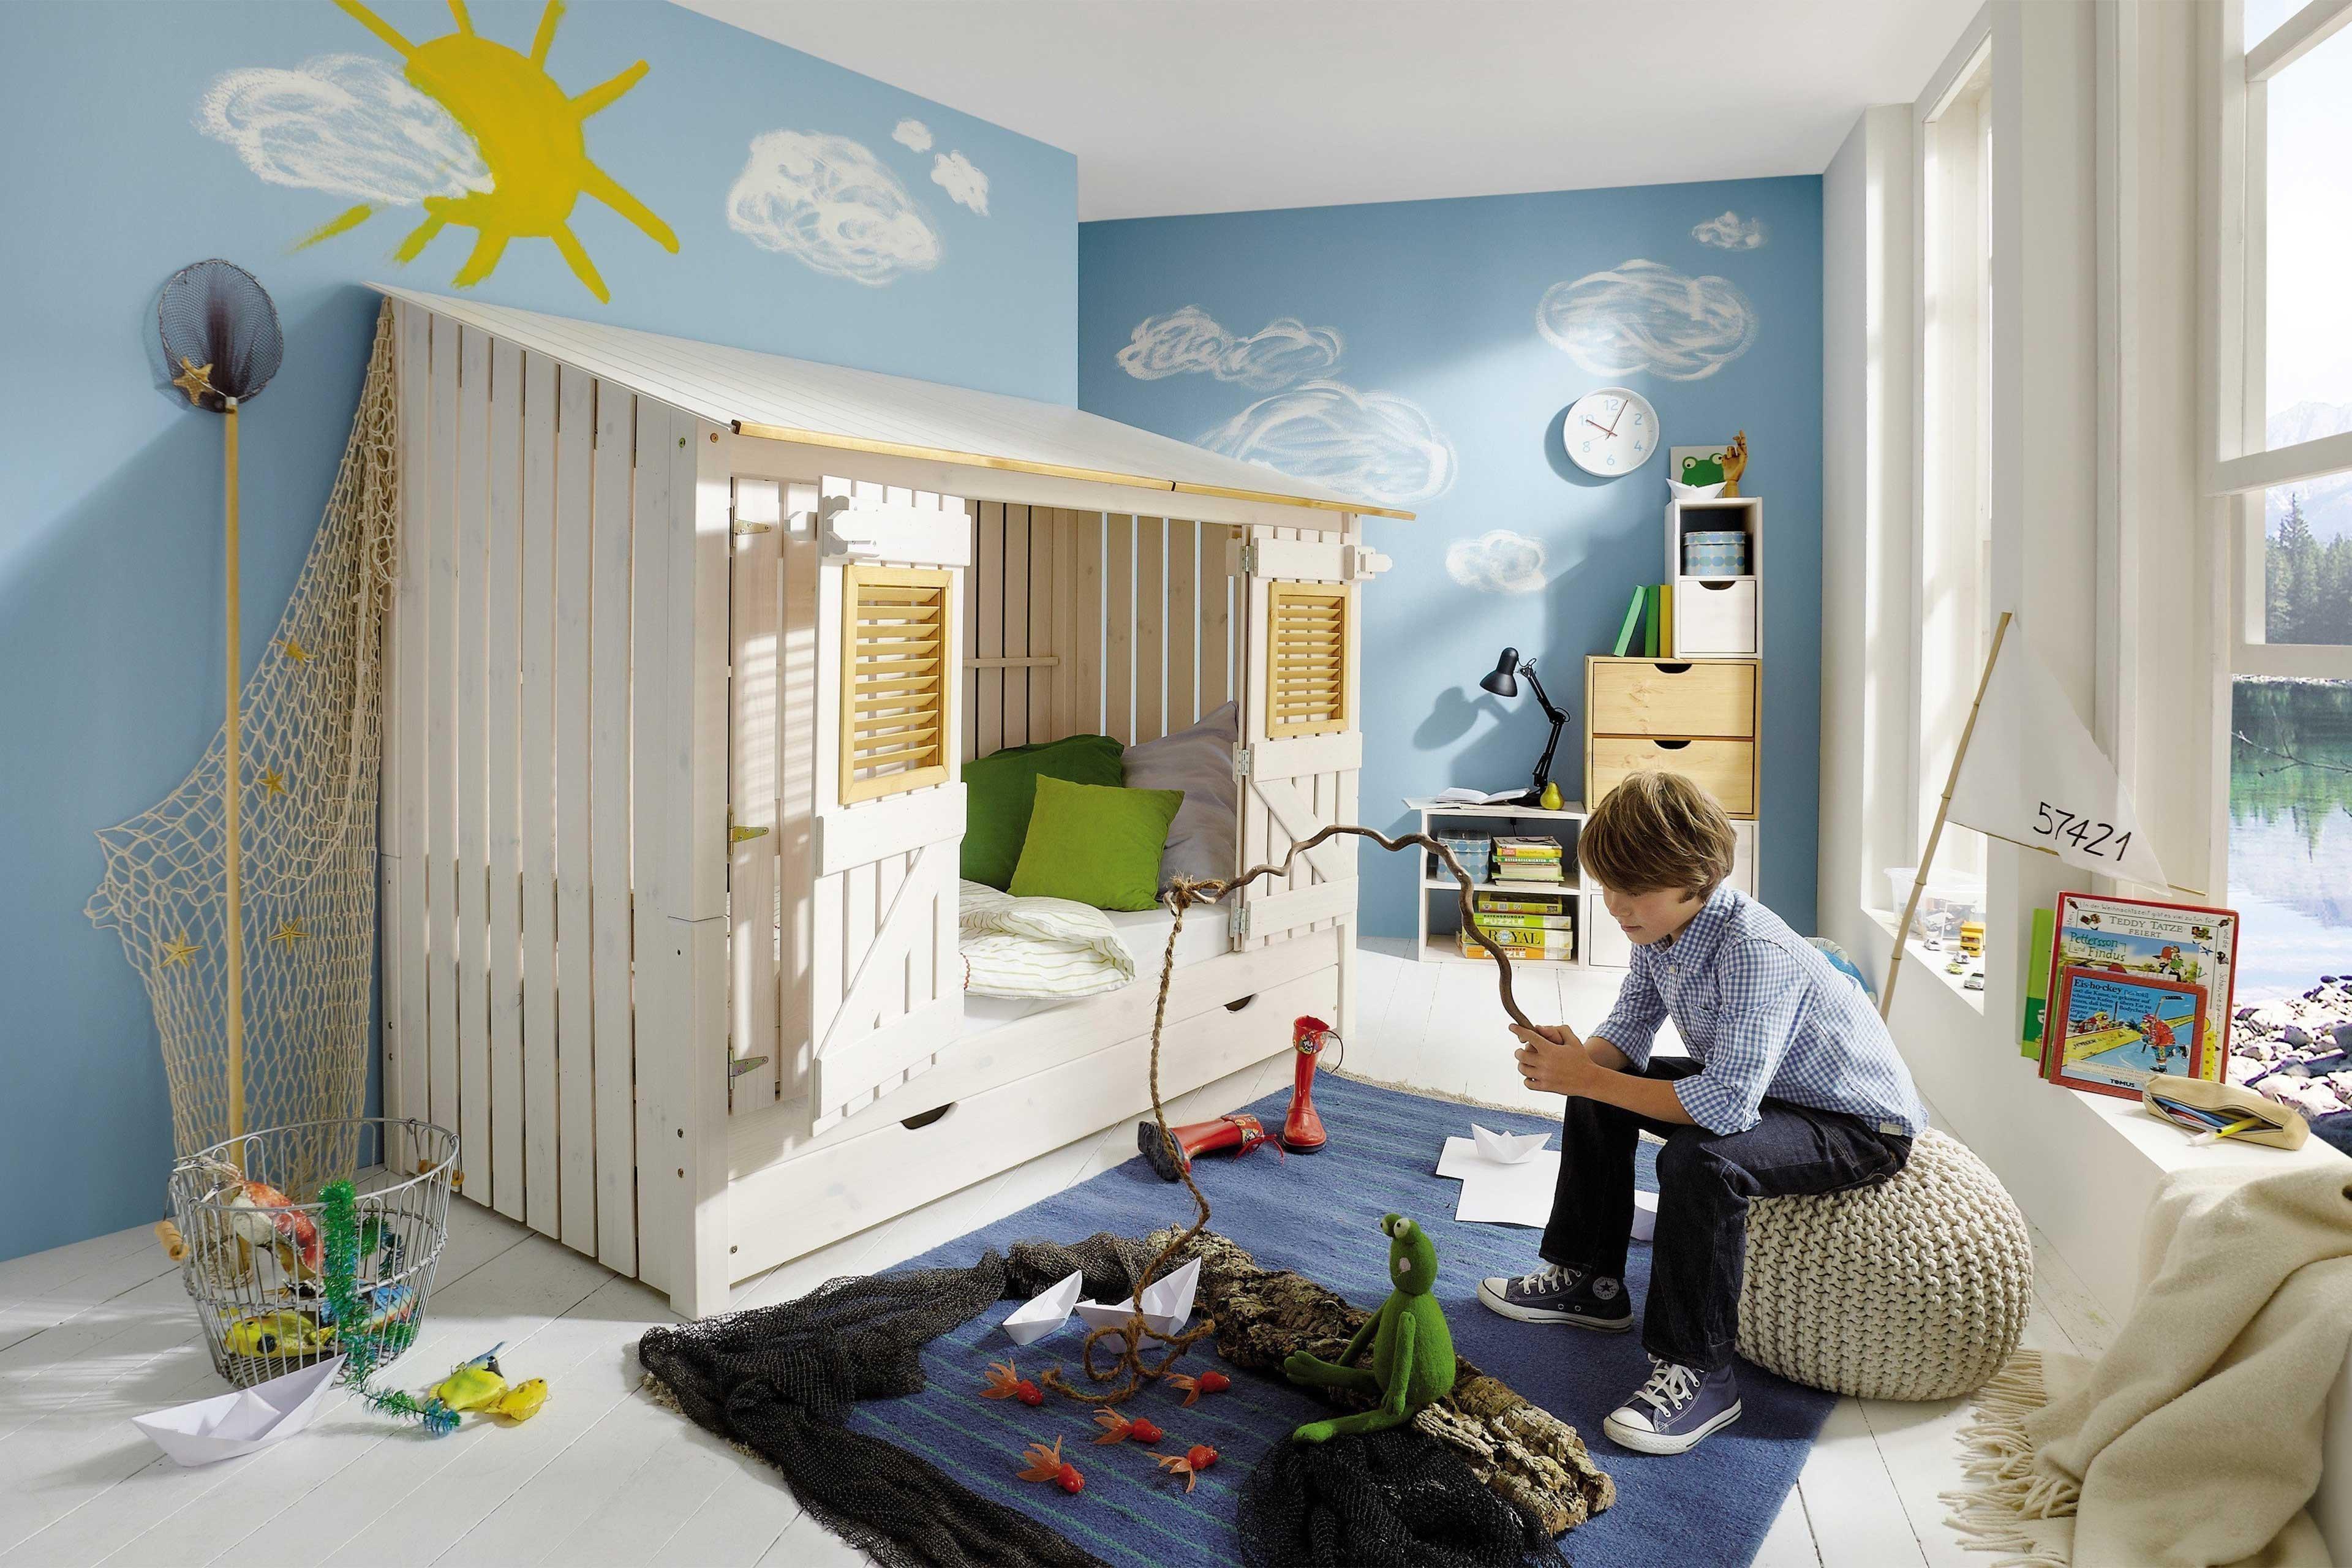 Abenteuer Kinderzimmer Jugendzimmer: Farbgestaltung fürs ...